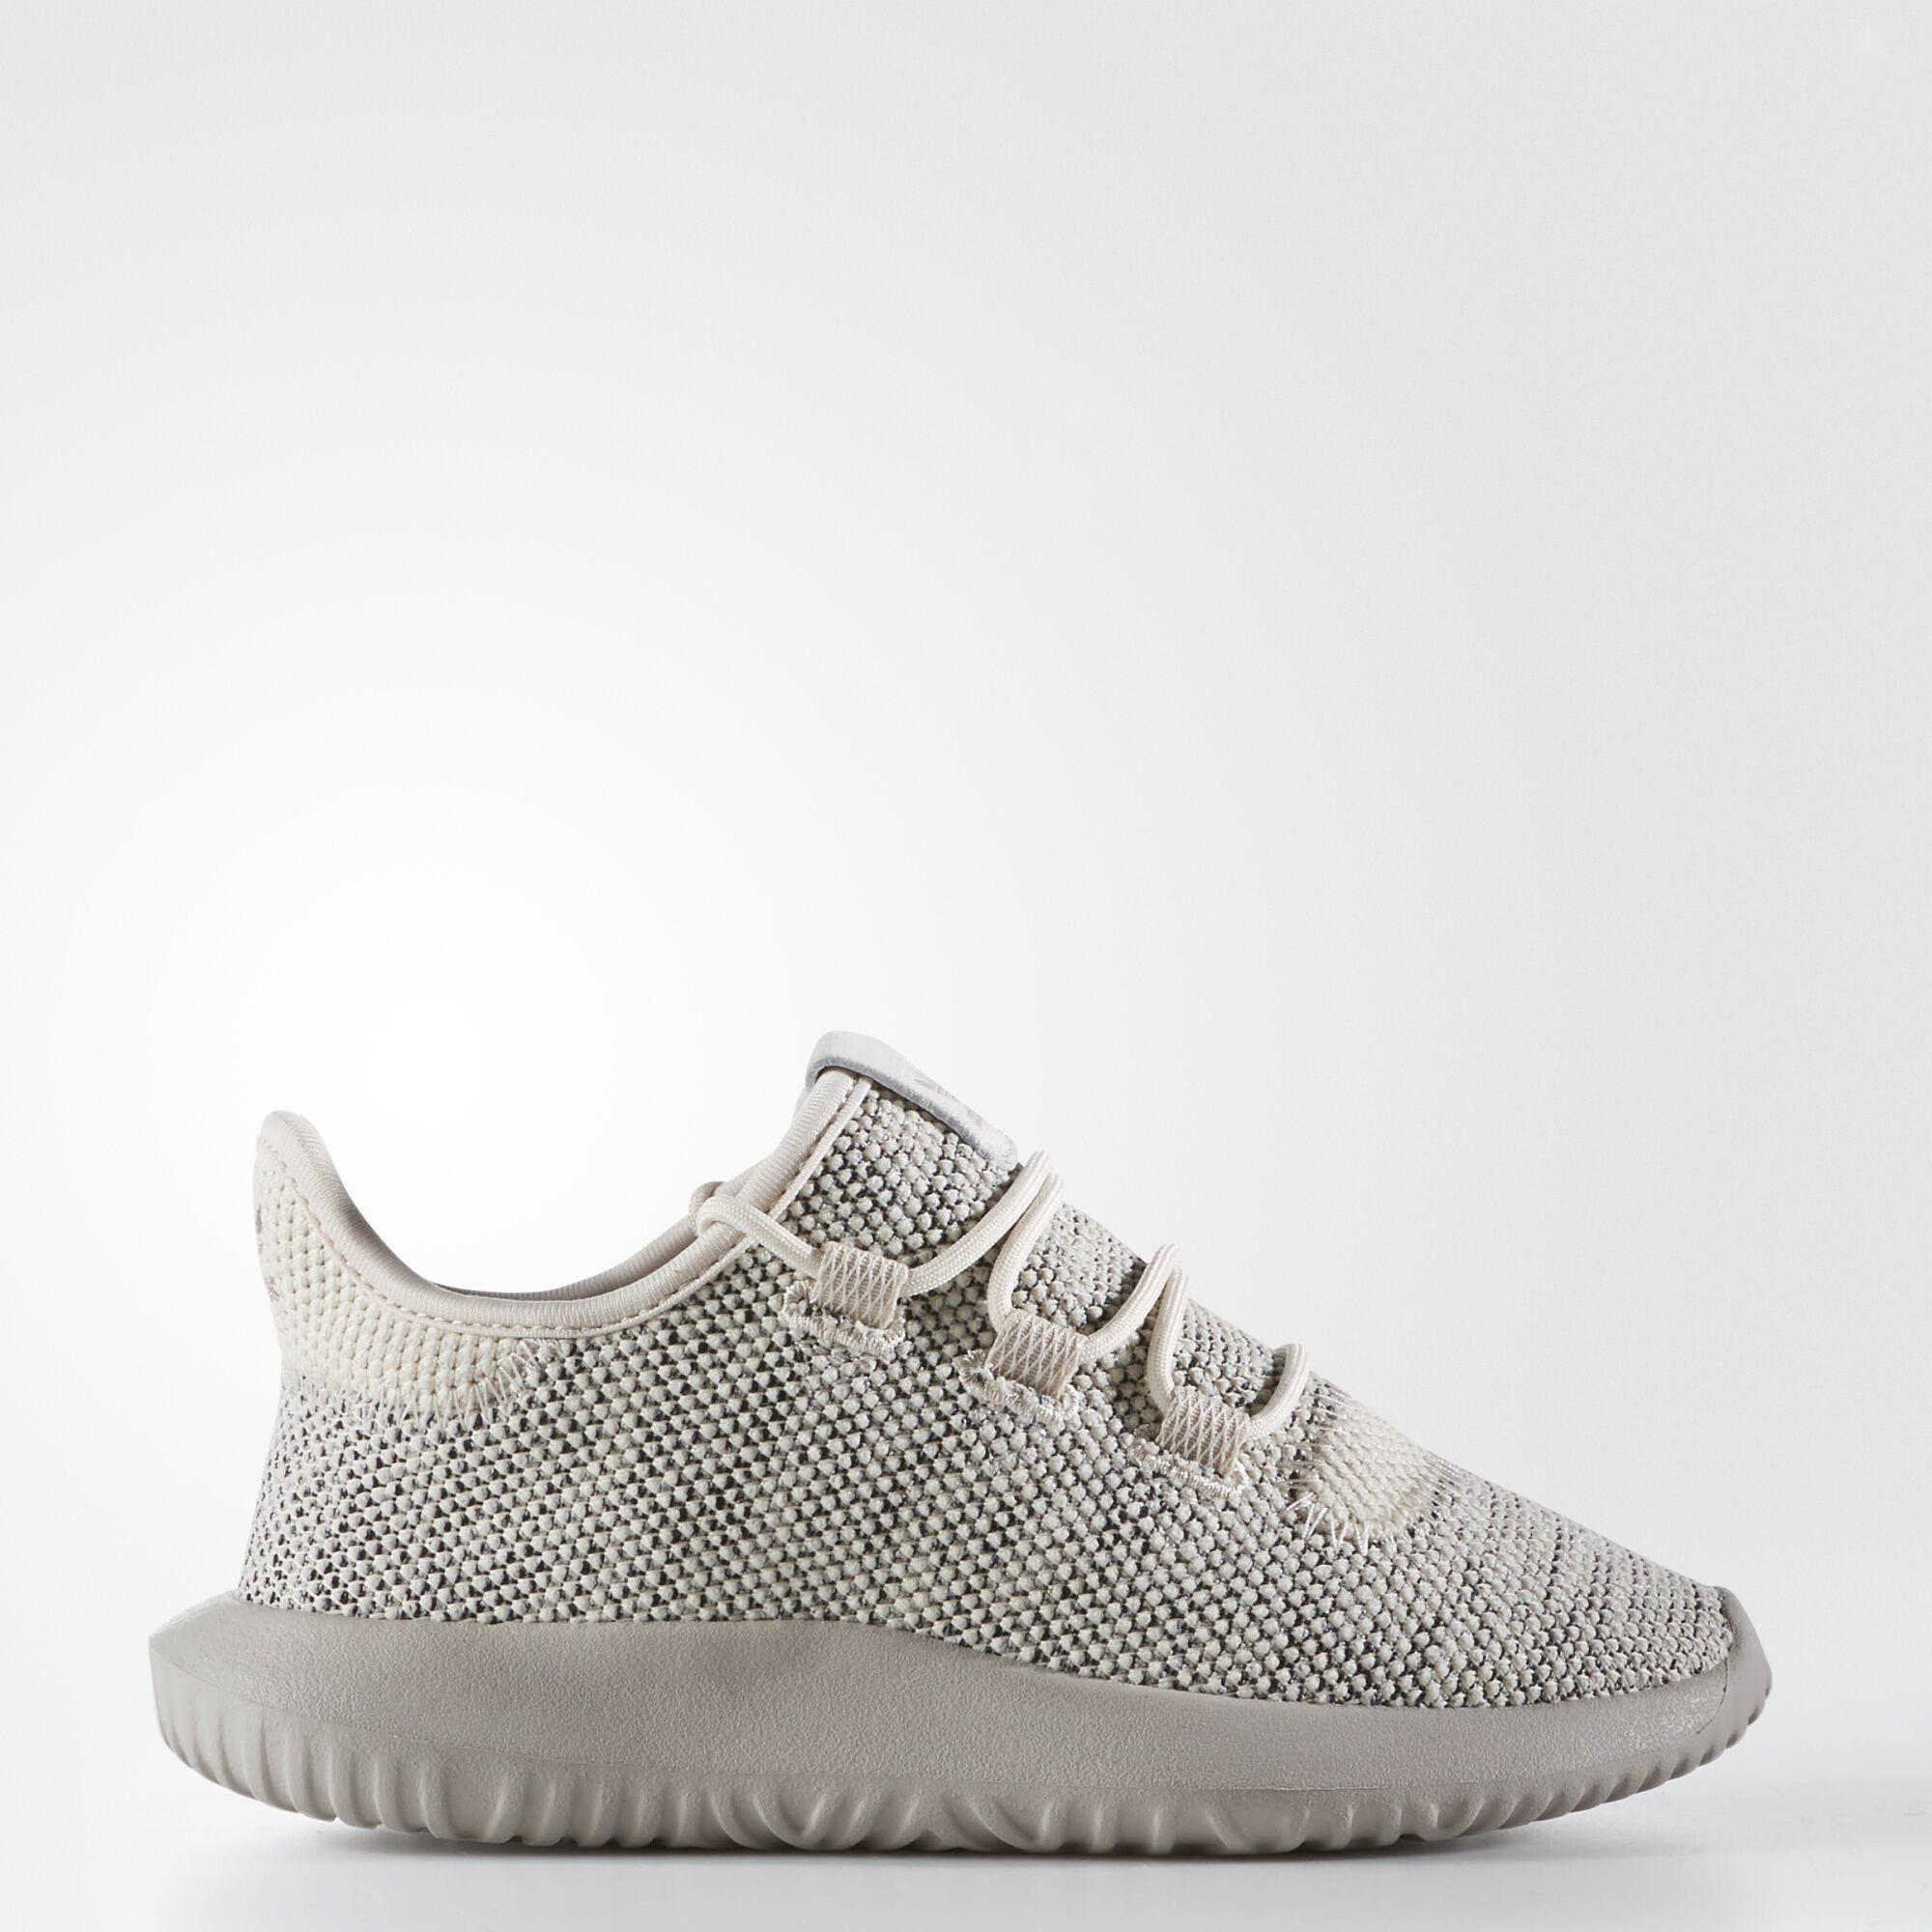 cad8ec4fa79664 ... adidas eqt kids shoes brown ...